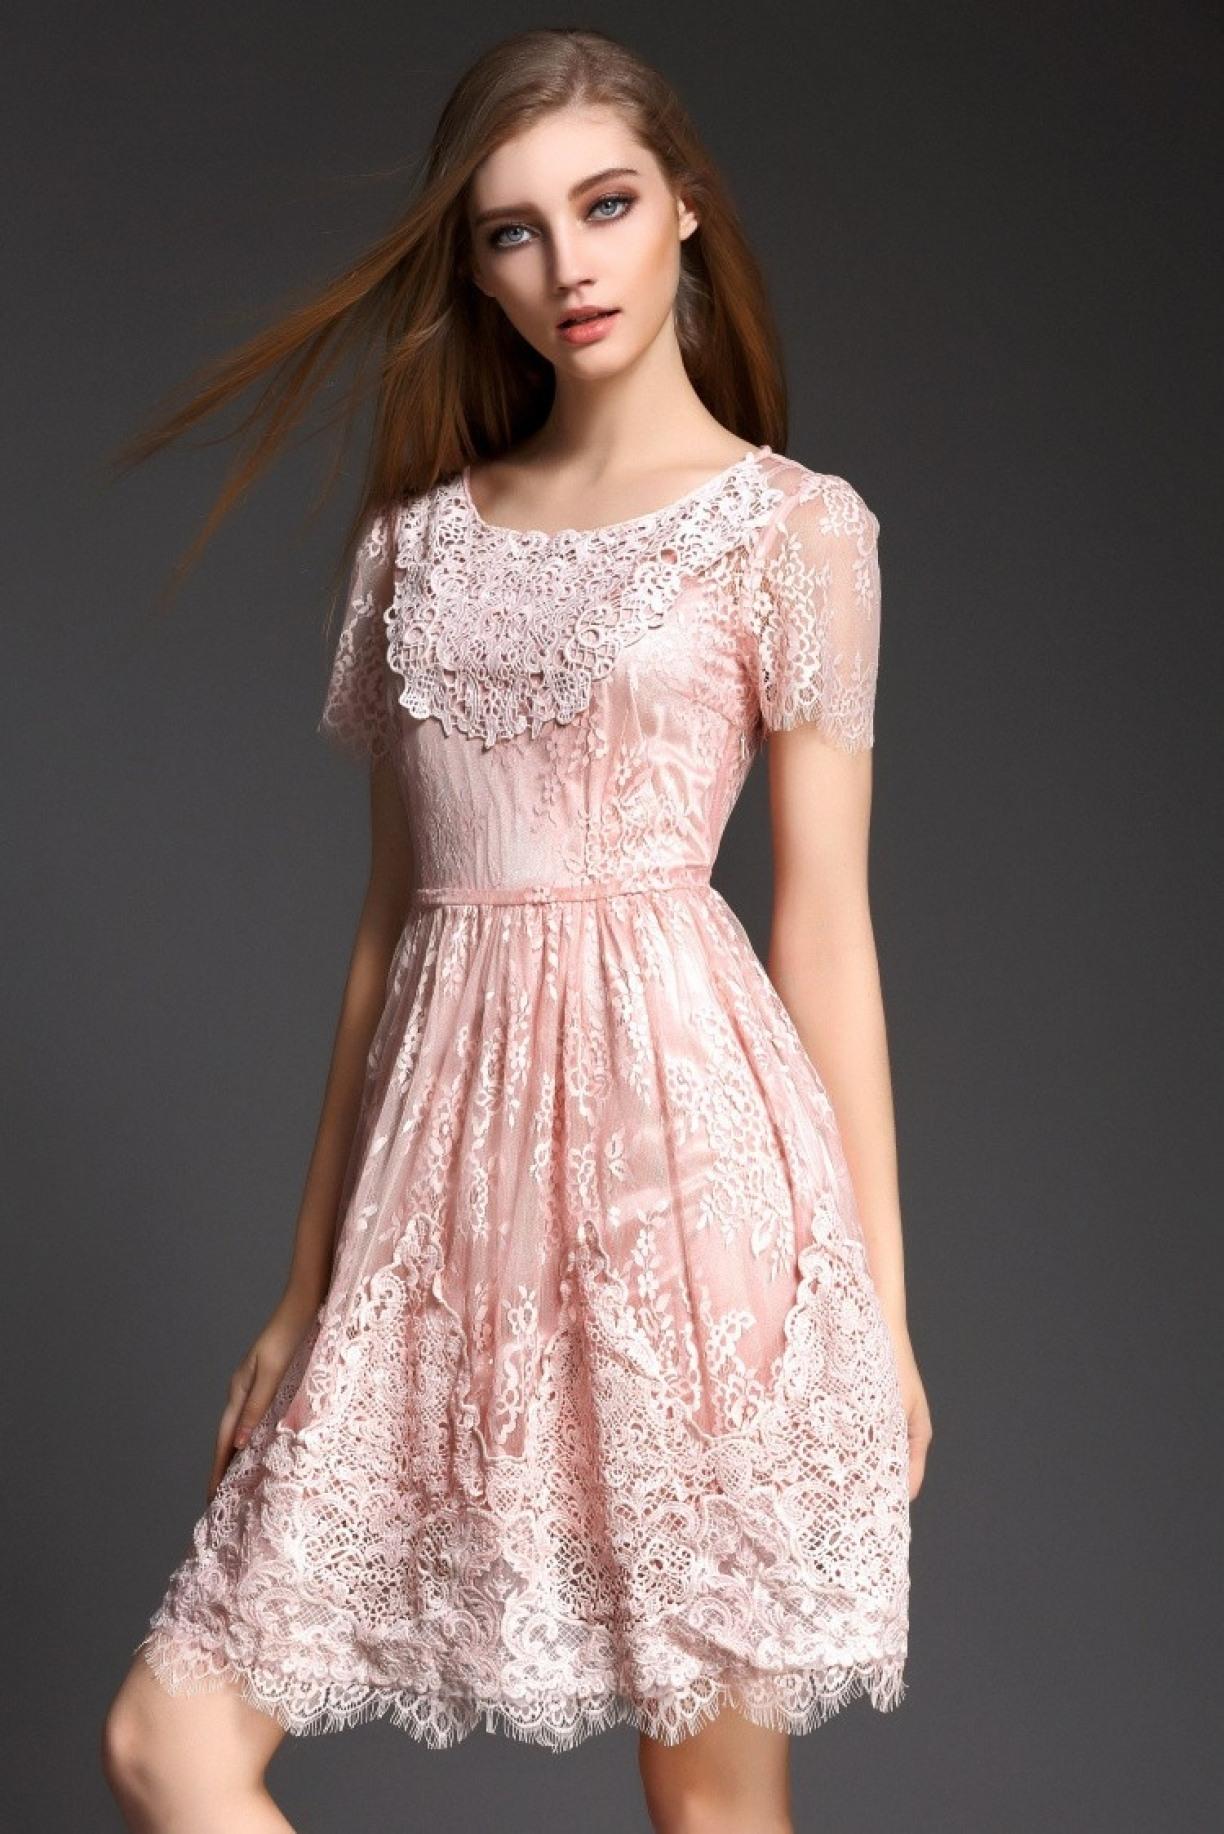 Designer Genial Altrosa Kleid Mit Spitze Ärmel Luxurius Altrosa Kleid Mit Spitze Stylish